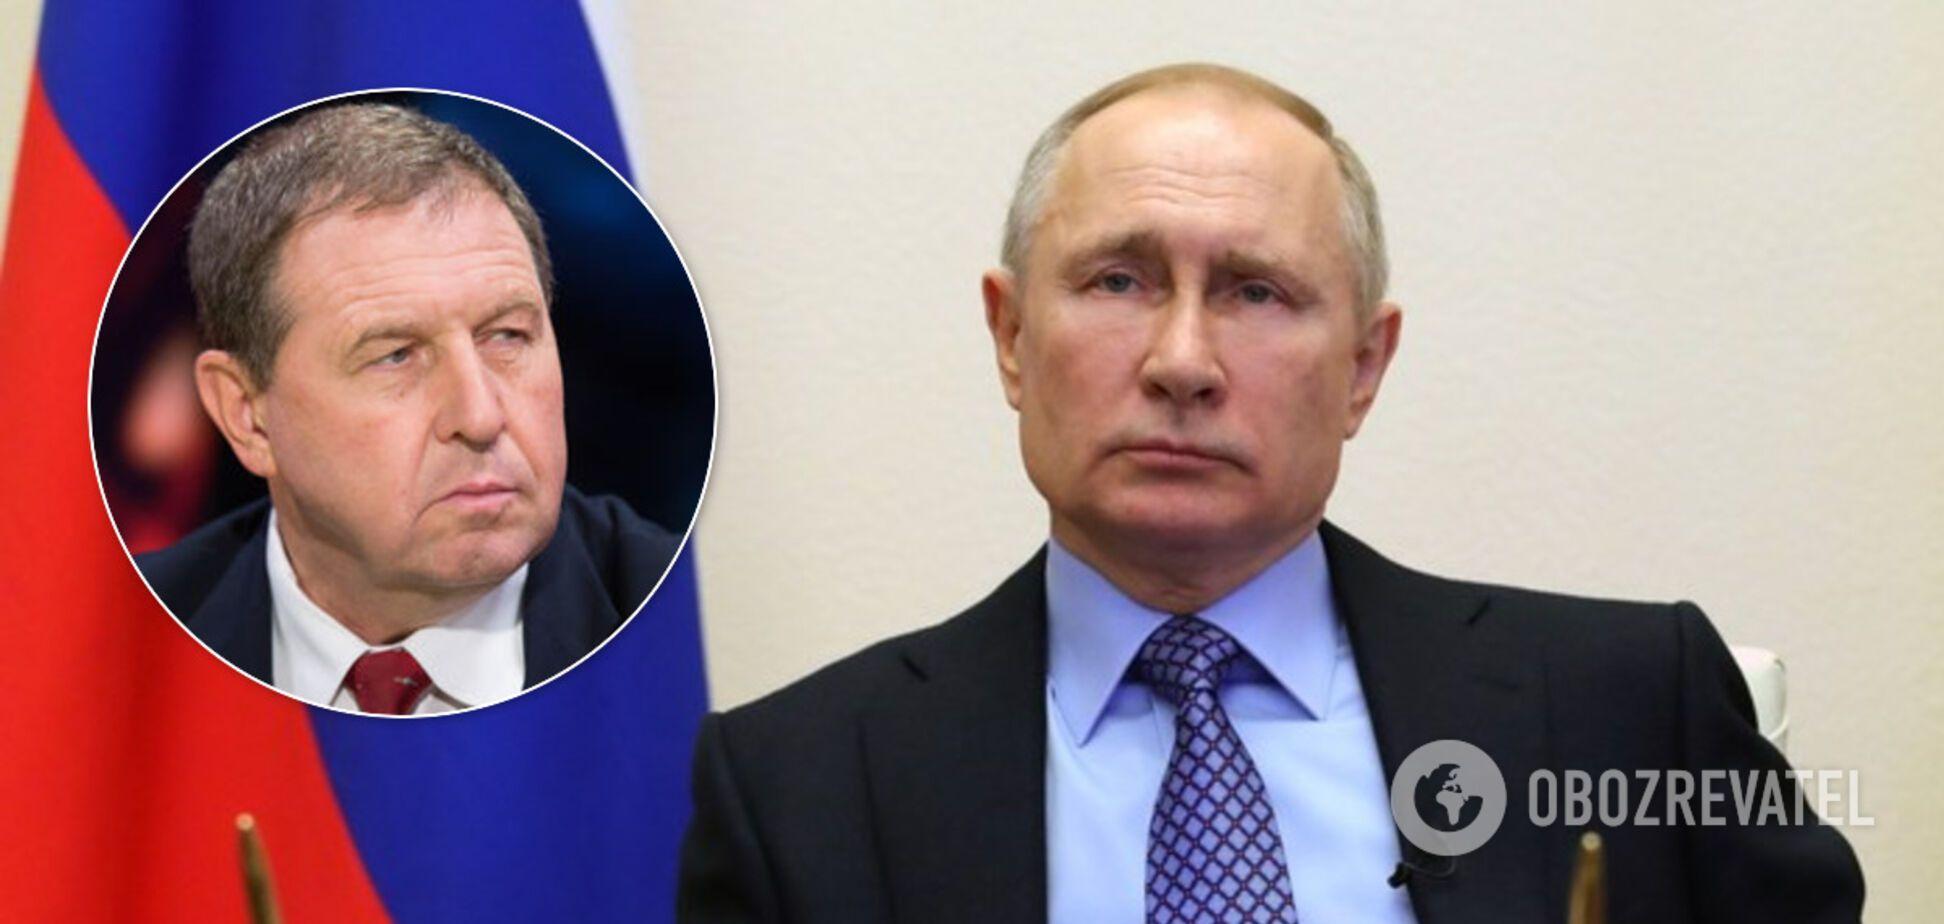 Путин начал войну против Украины в 2013 году, есть точная дата – Илларионов